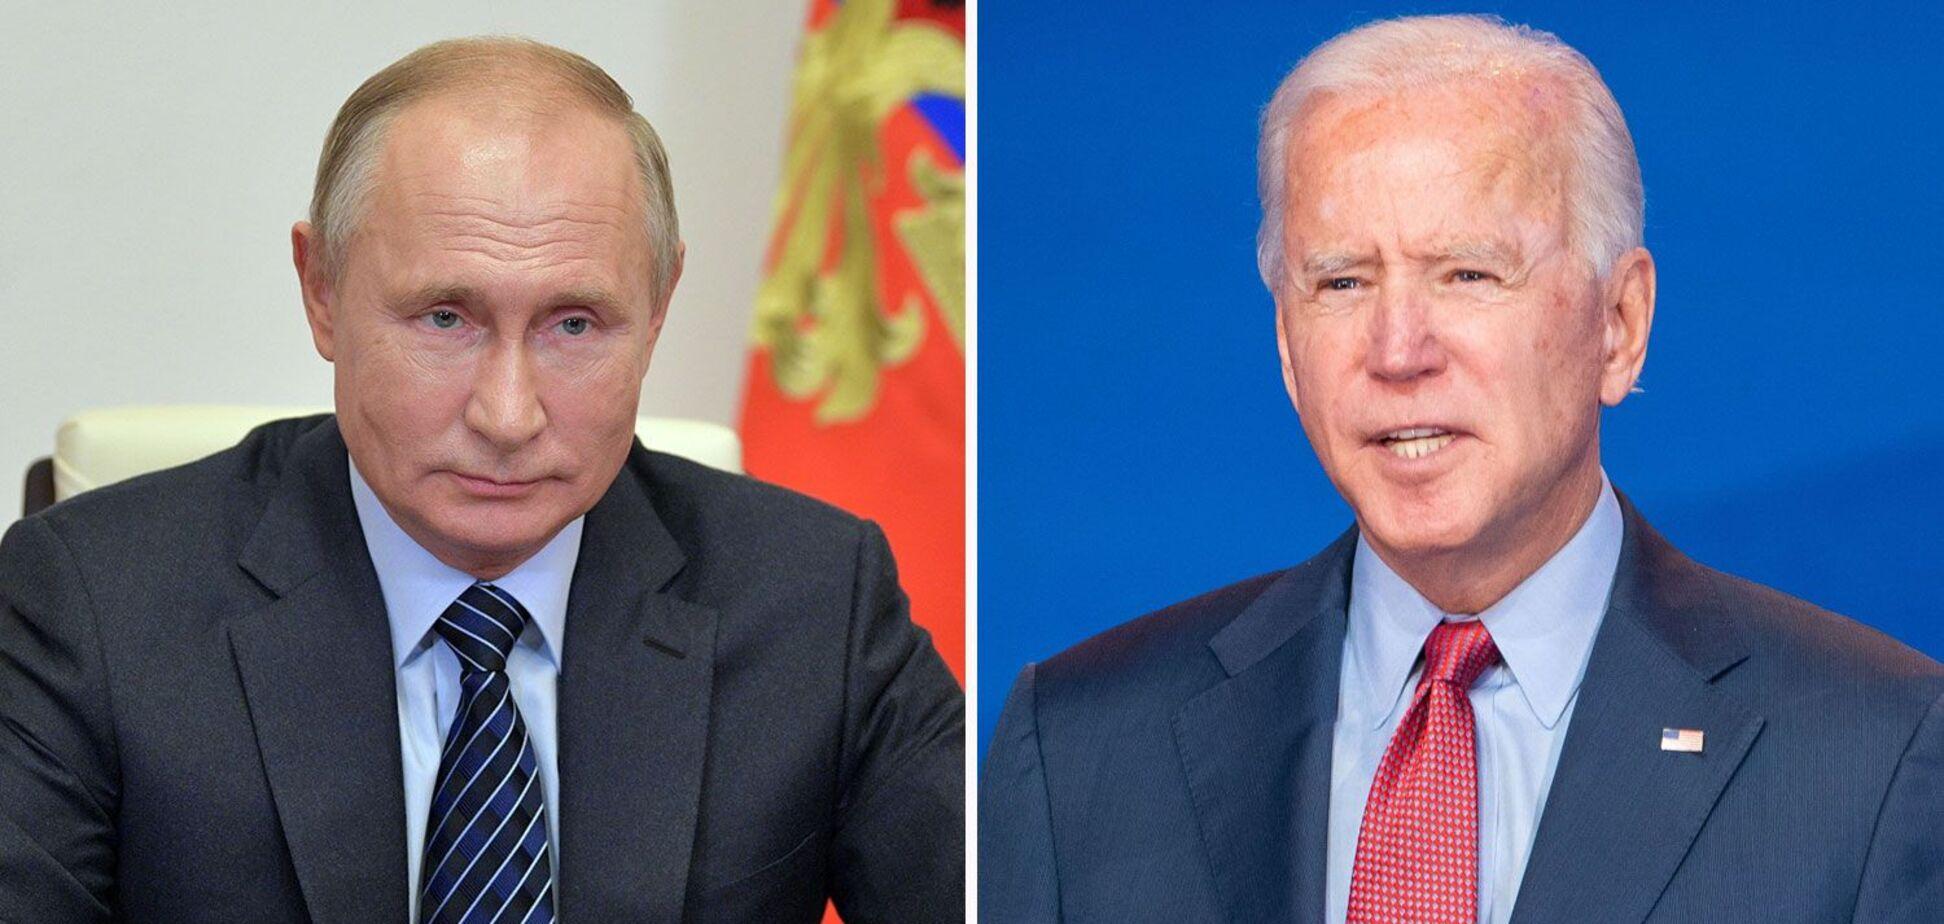 Джо Байден подзвонив Володимиру Путіну і запропонував зустріч в третій країні